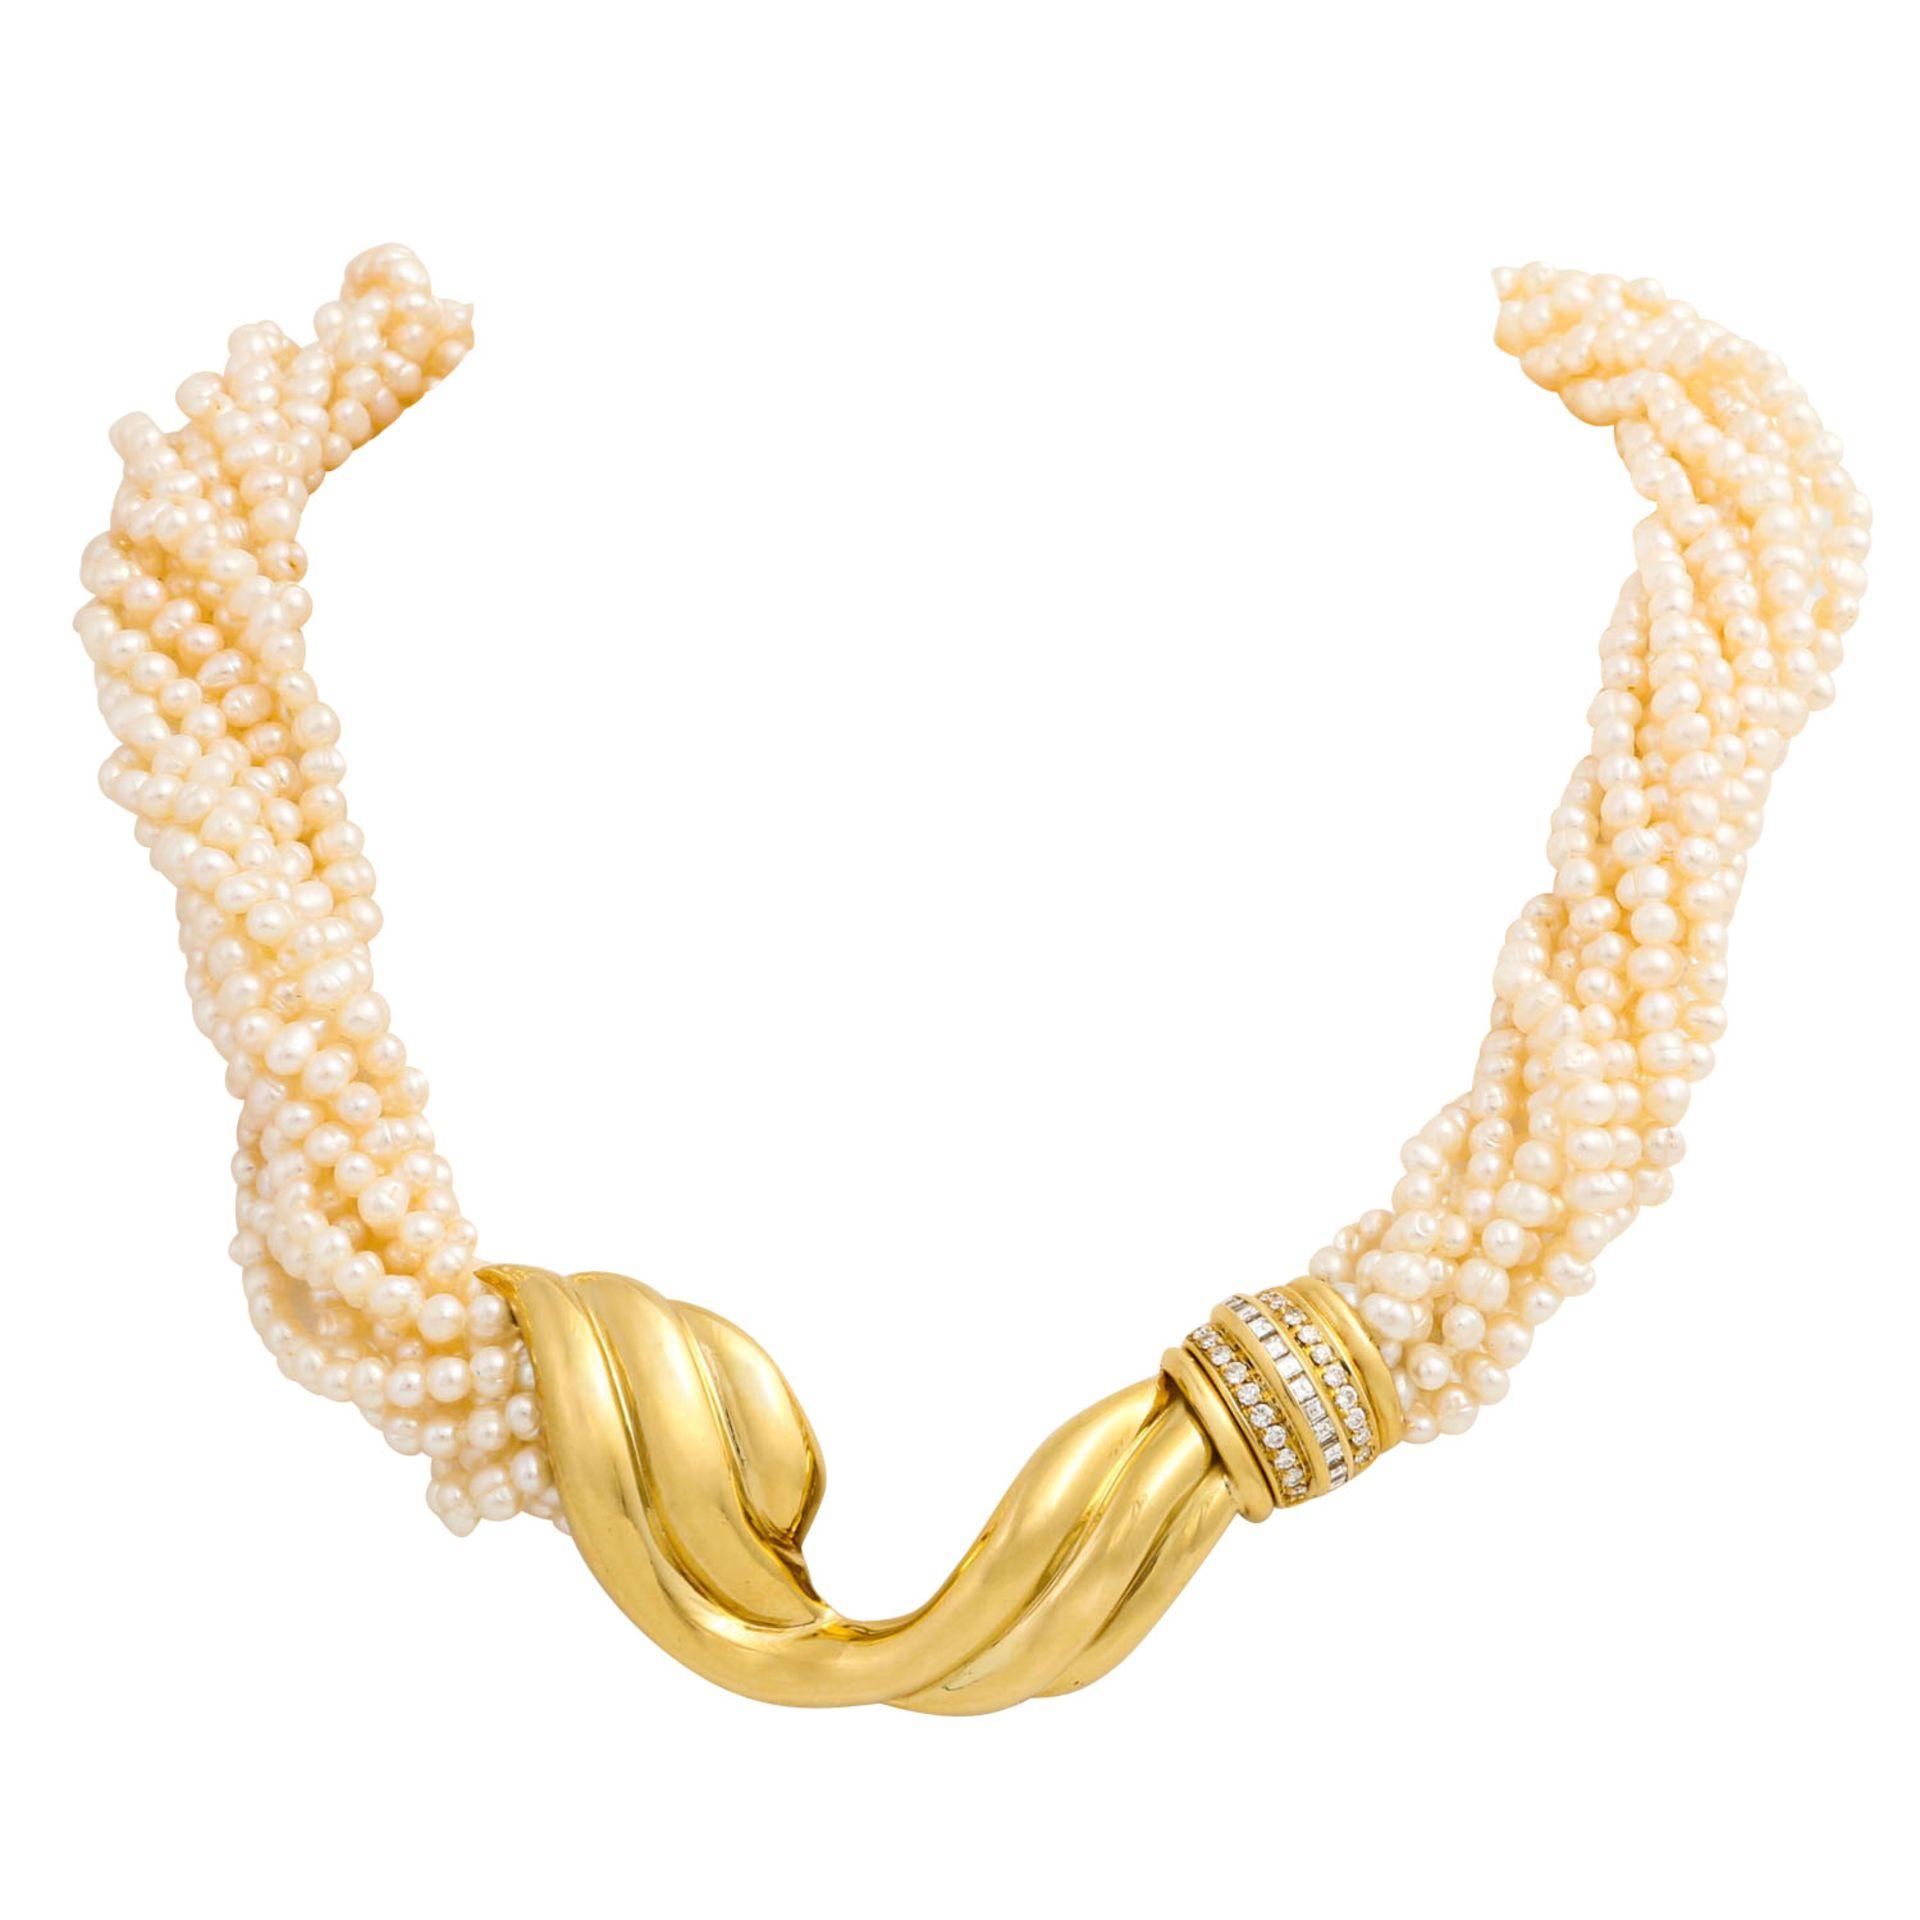 Perlencollier mit Mittelteil besetzt mit Diamanten von zus. ca. 0,45 ct, Brillant- u.